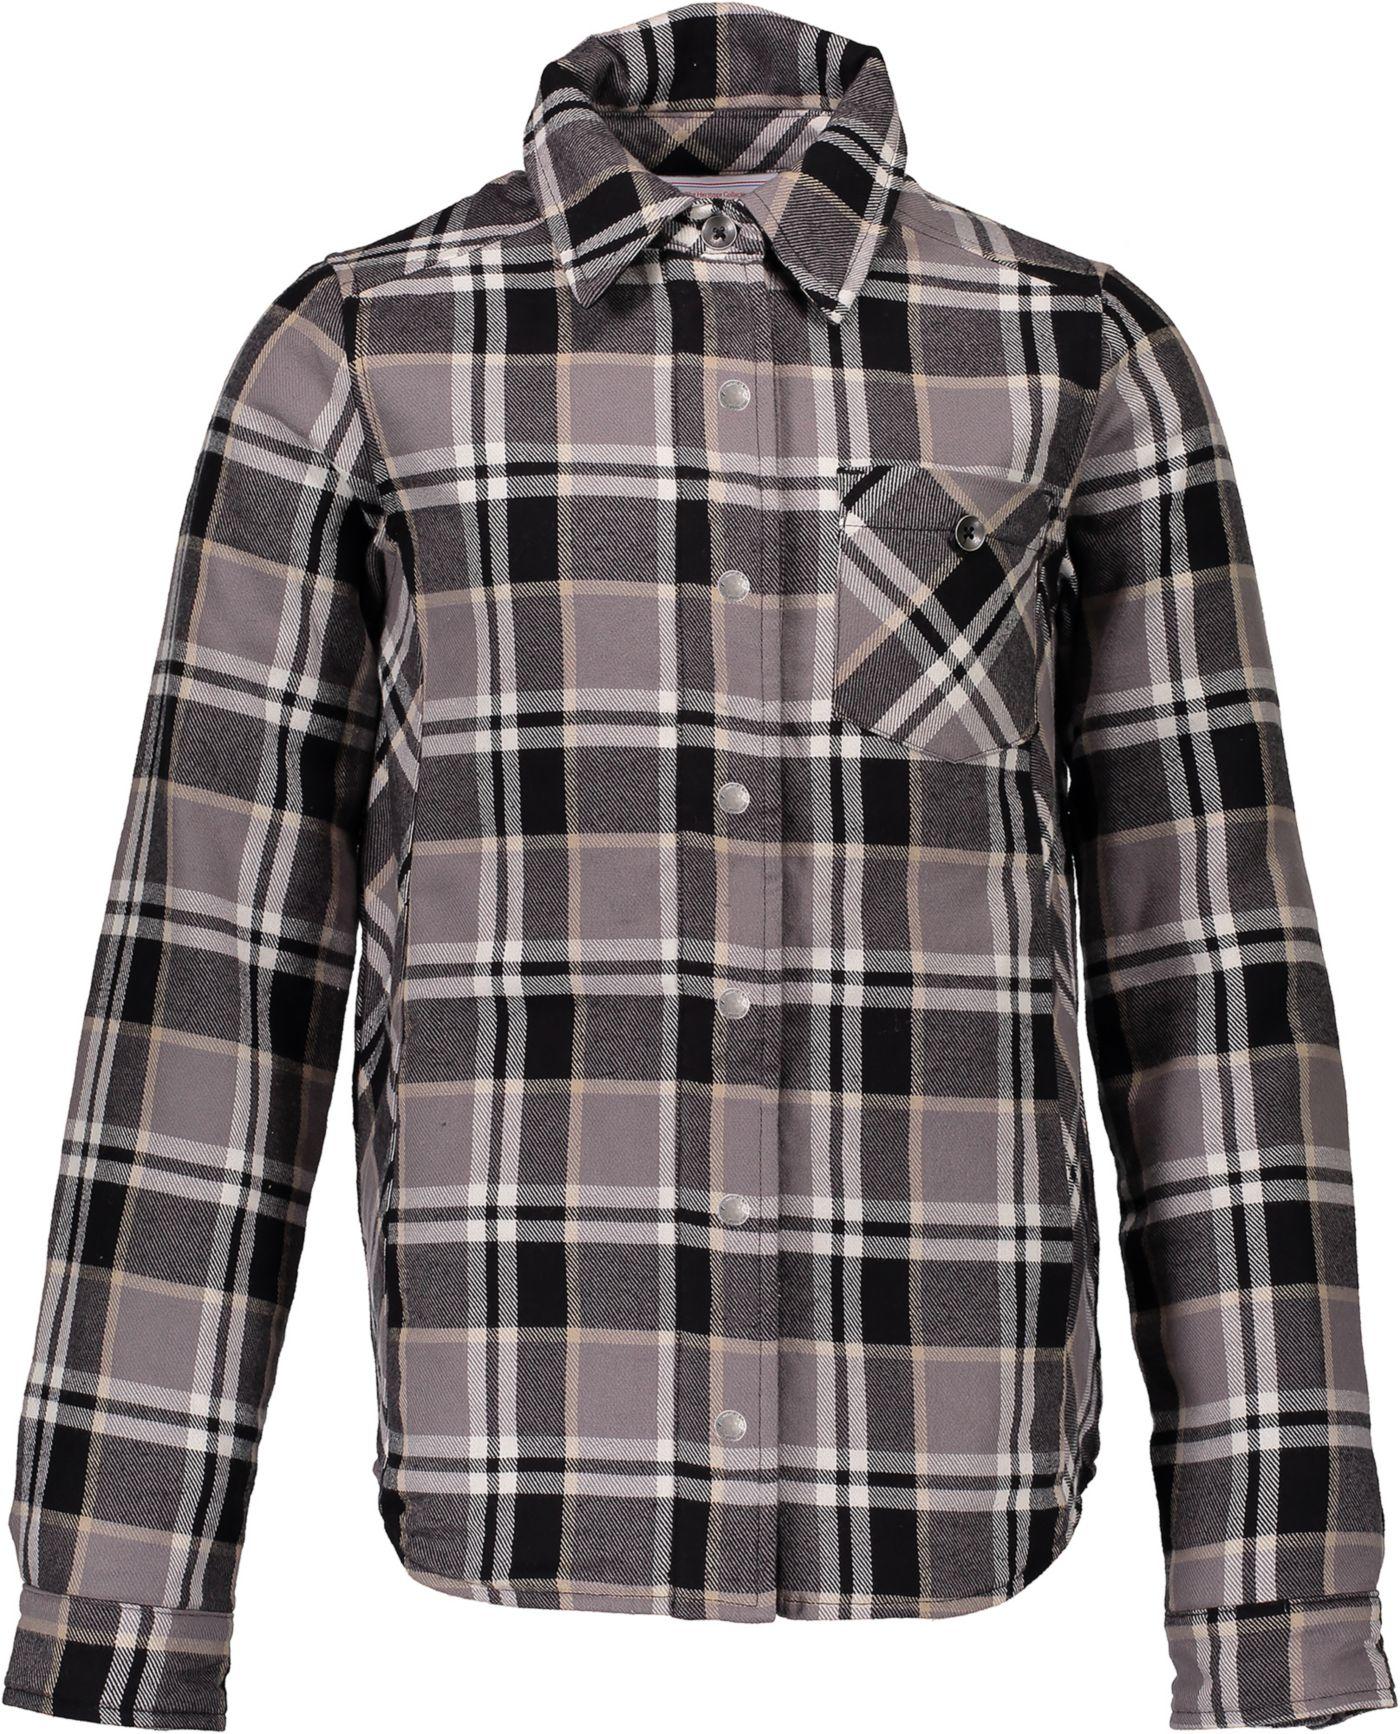 Obermeyer Teen Girls' Avery Flannel Shirt